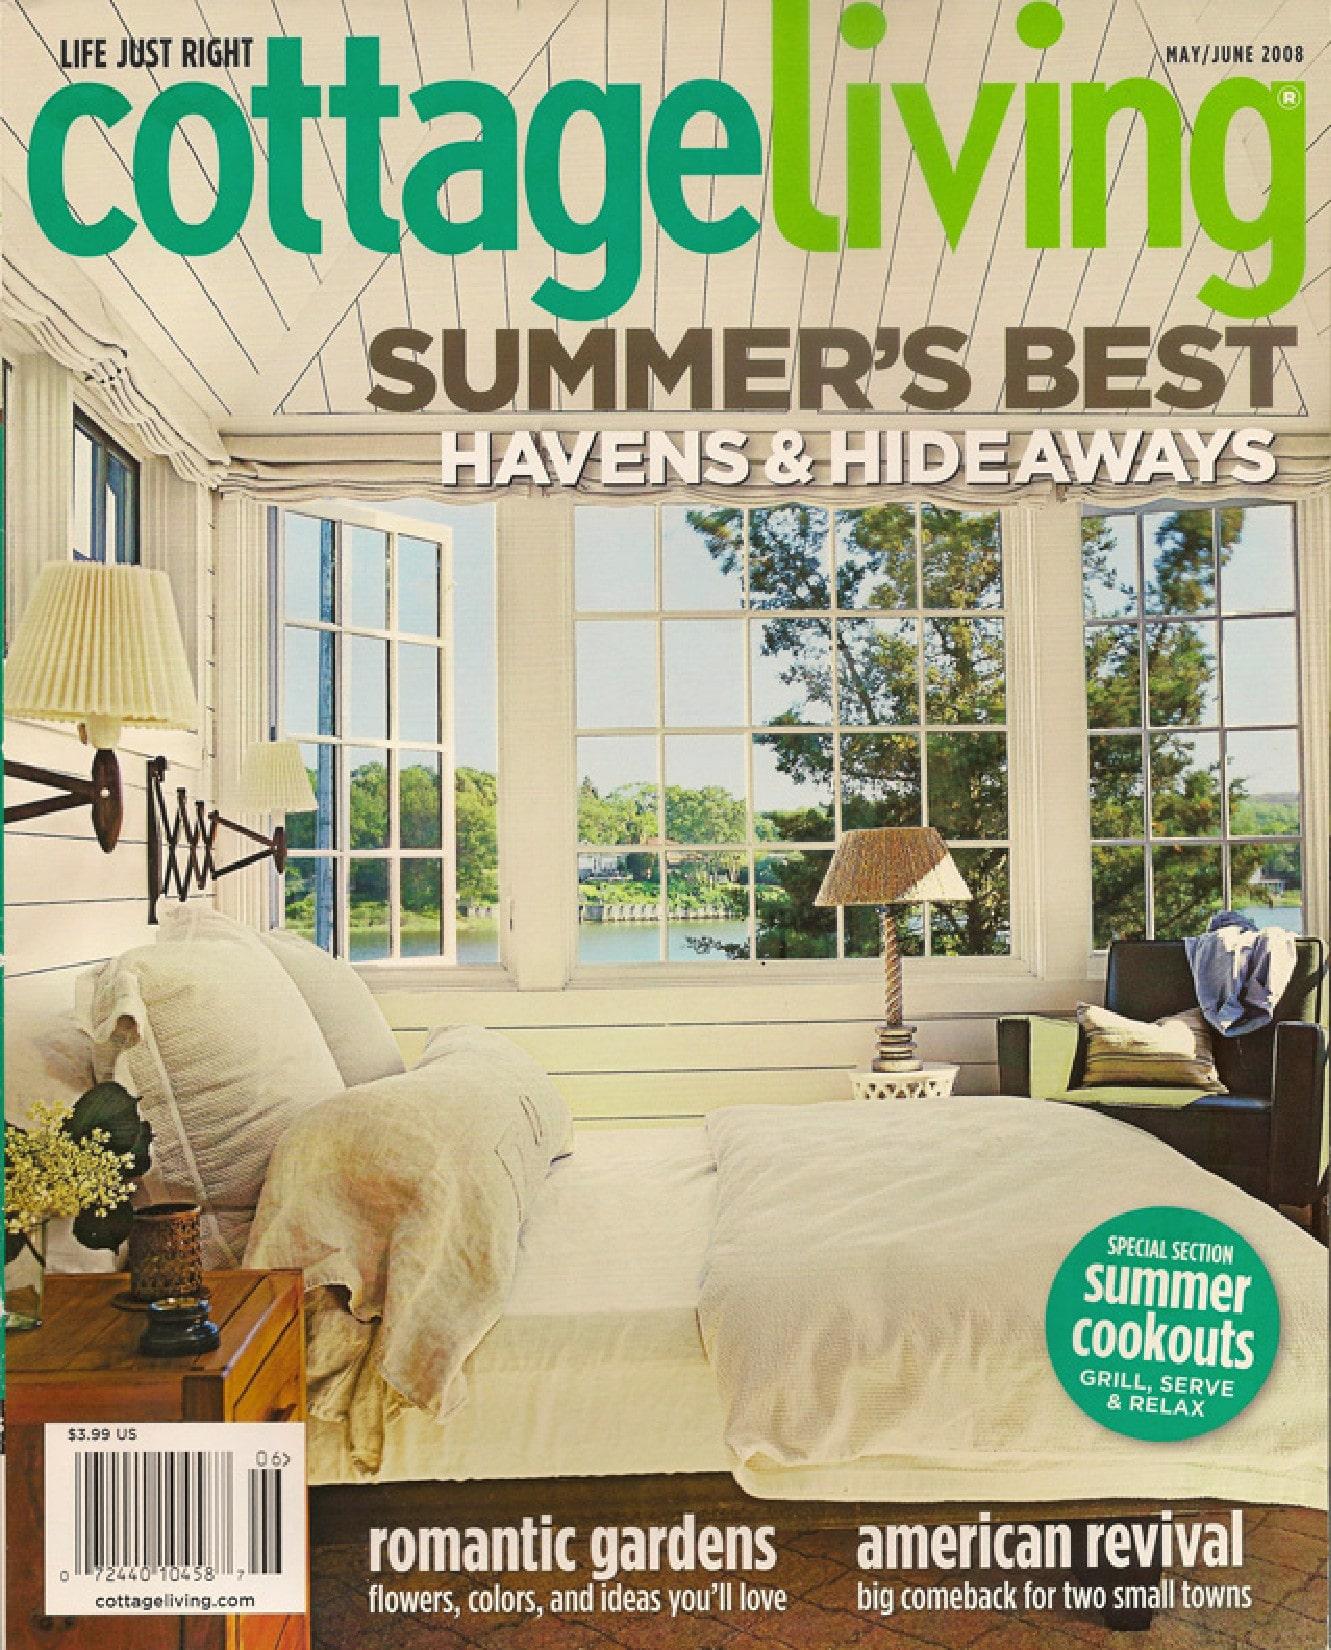 CottageLiving-June08_p001-min.jpg